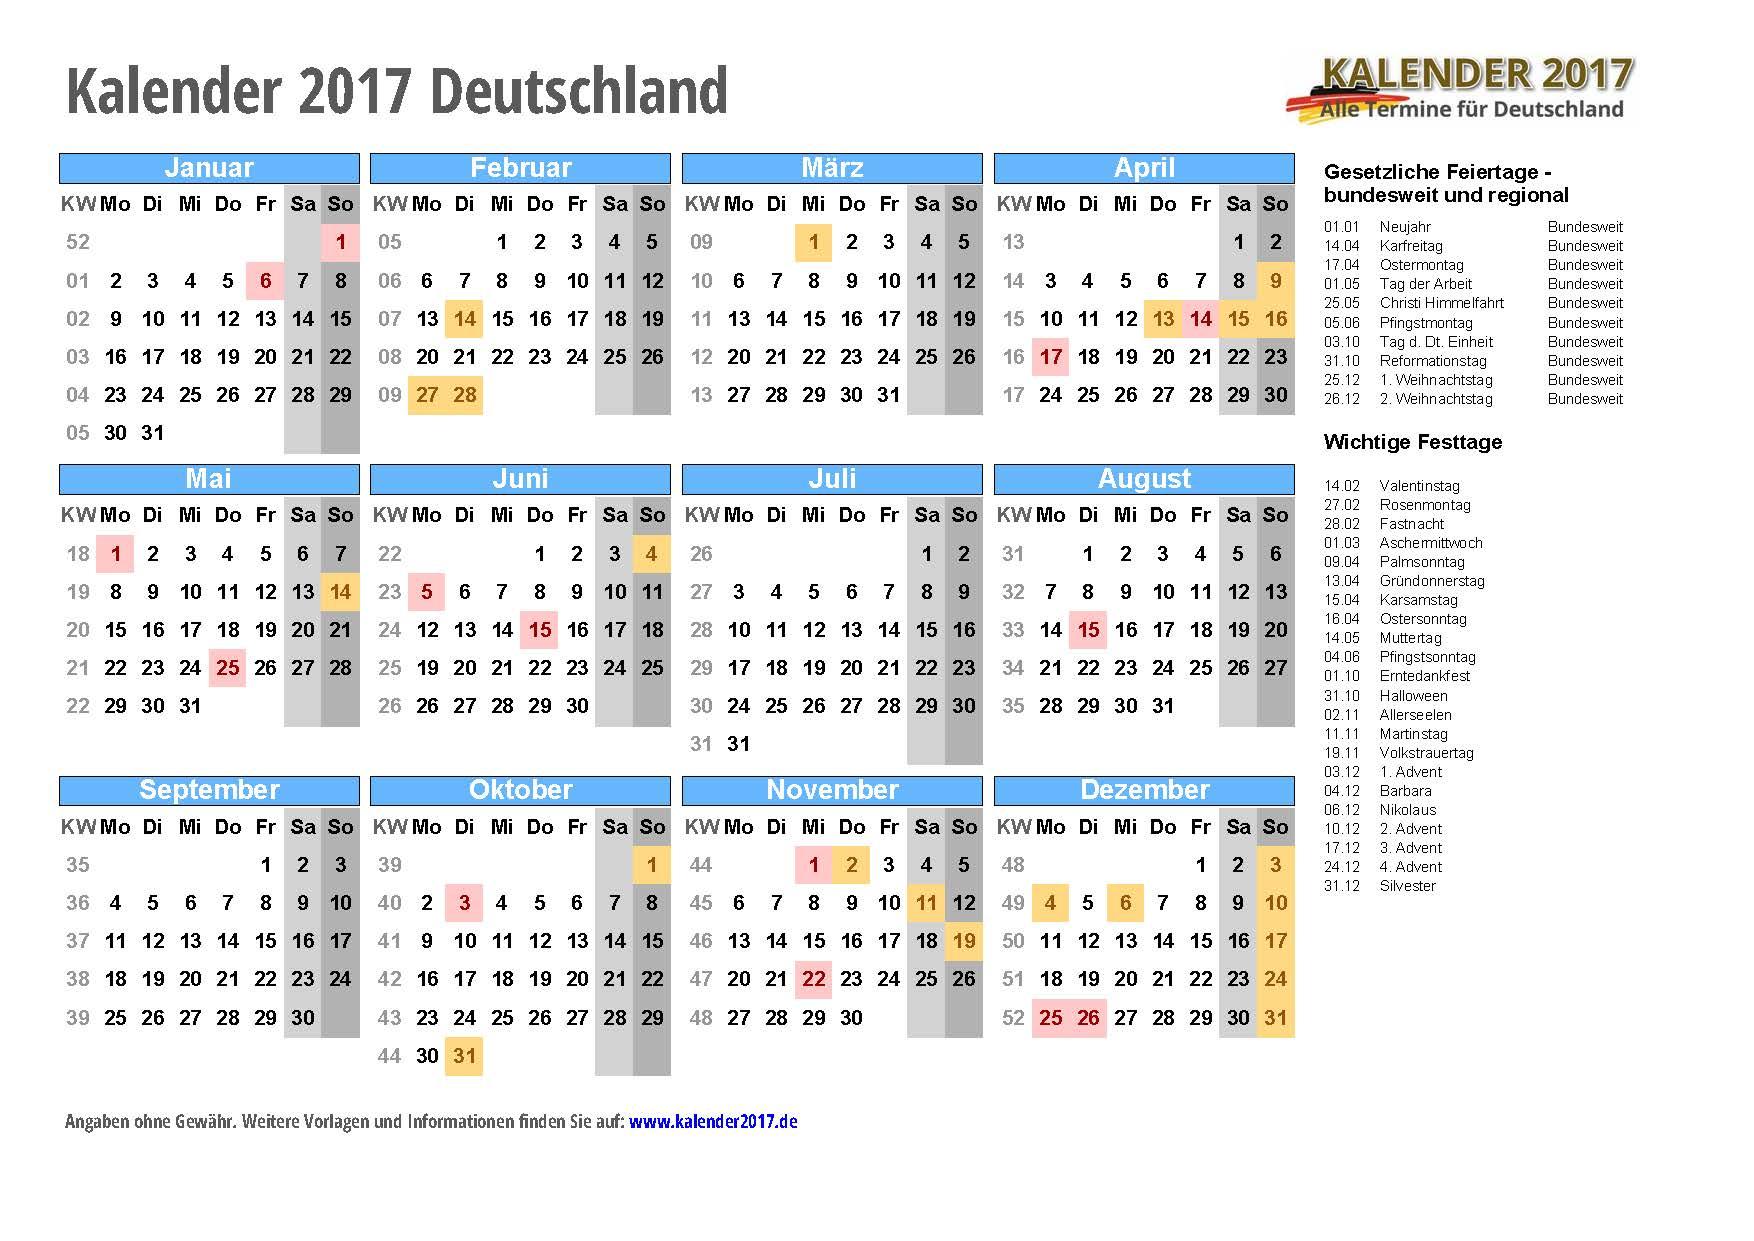 Deutschland KALENDER 2017